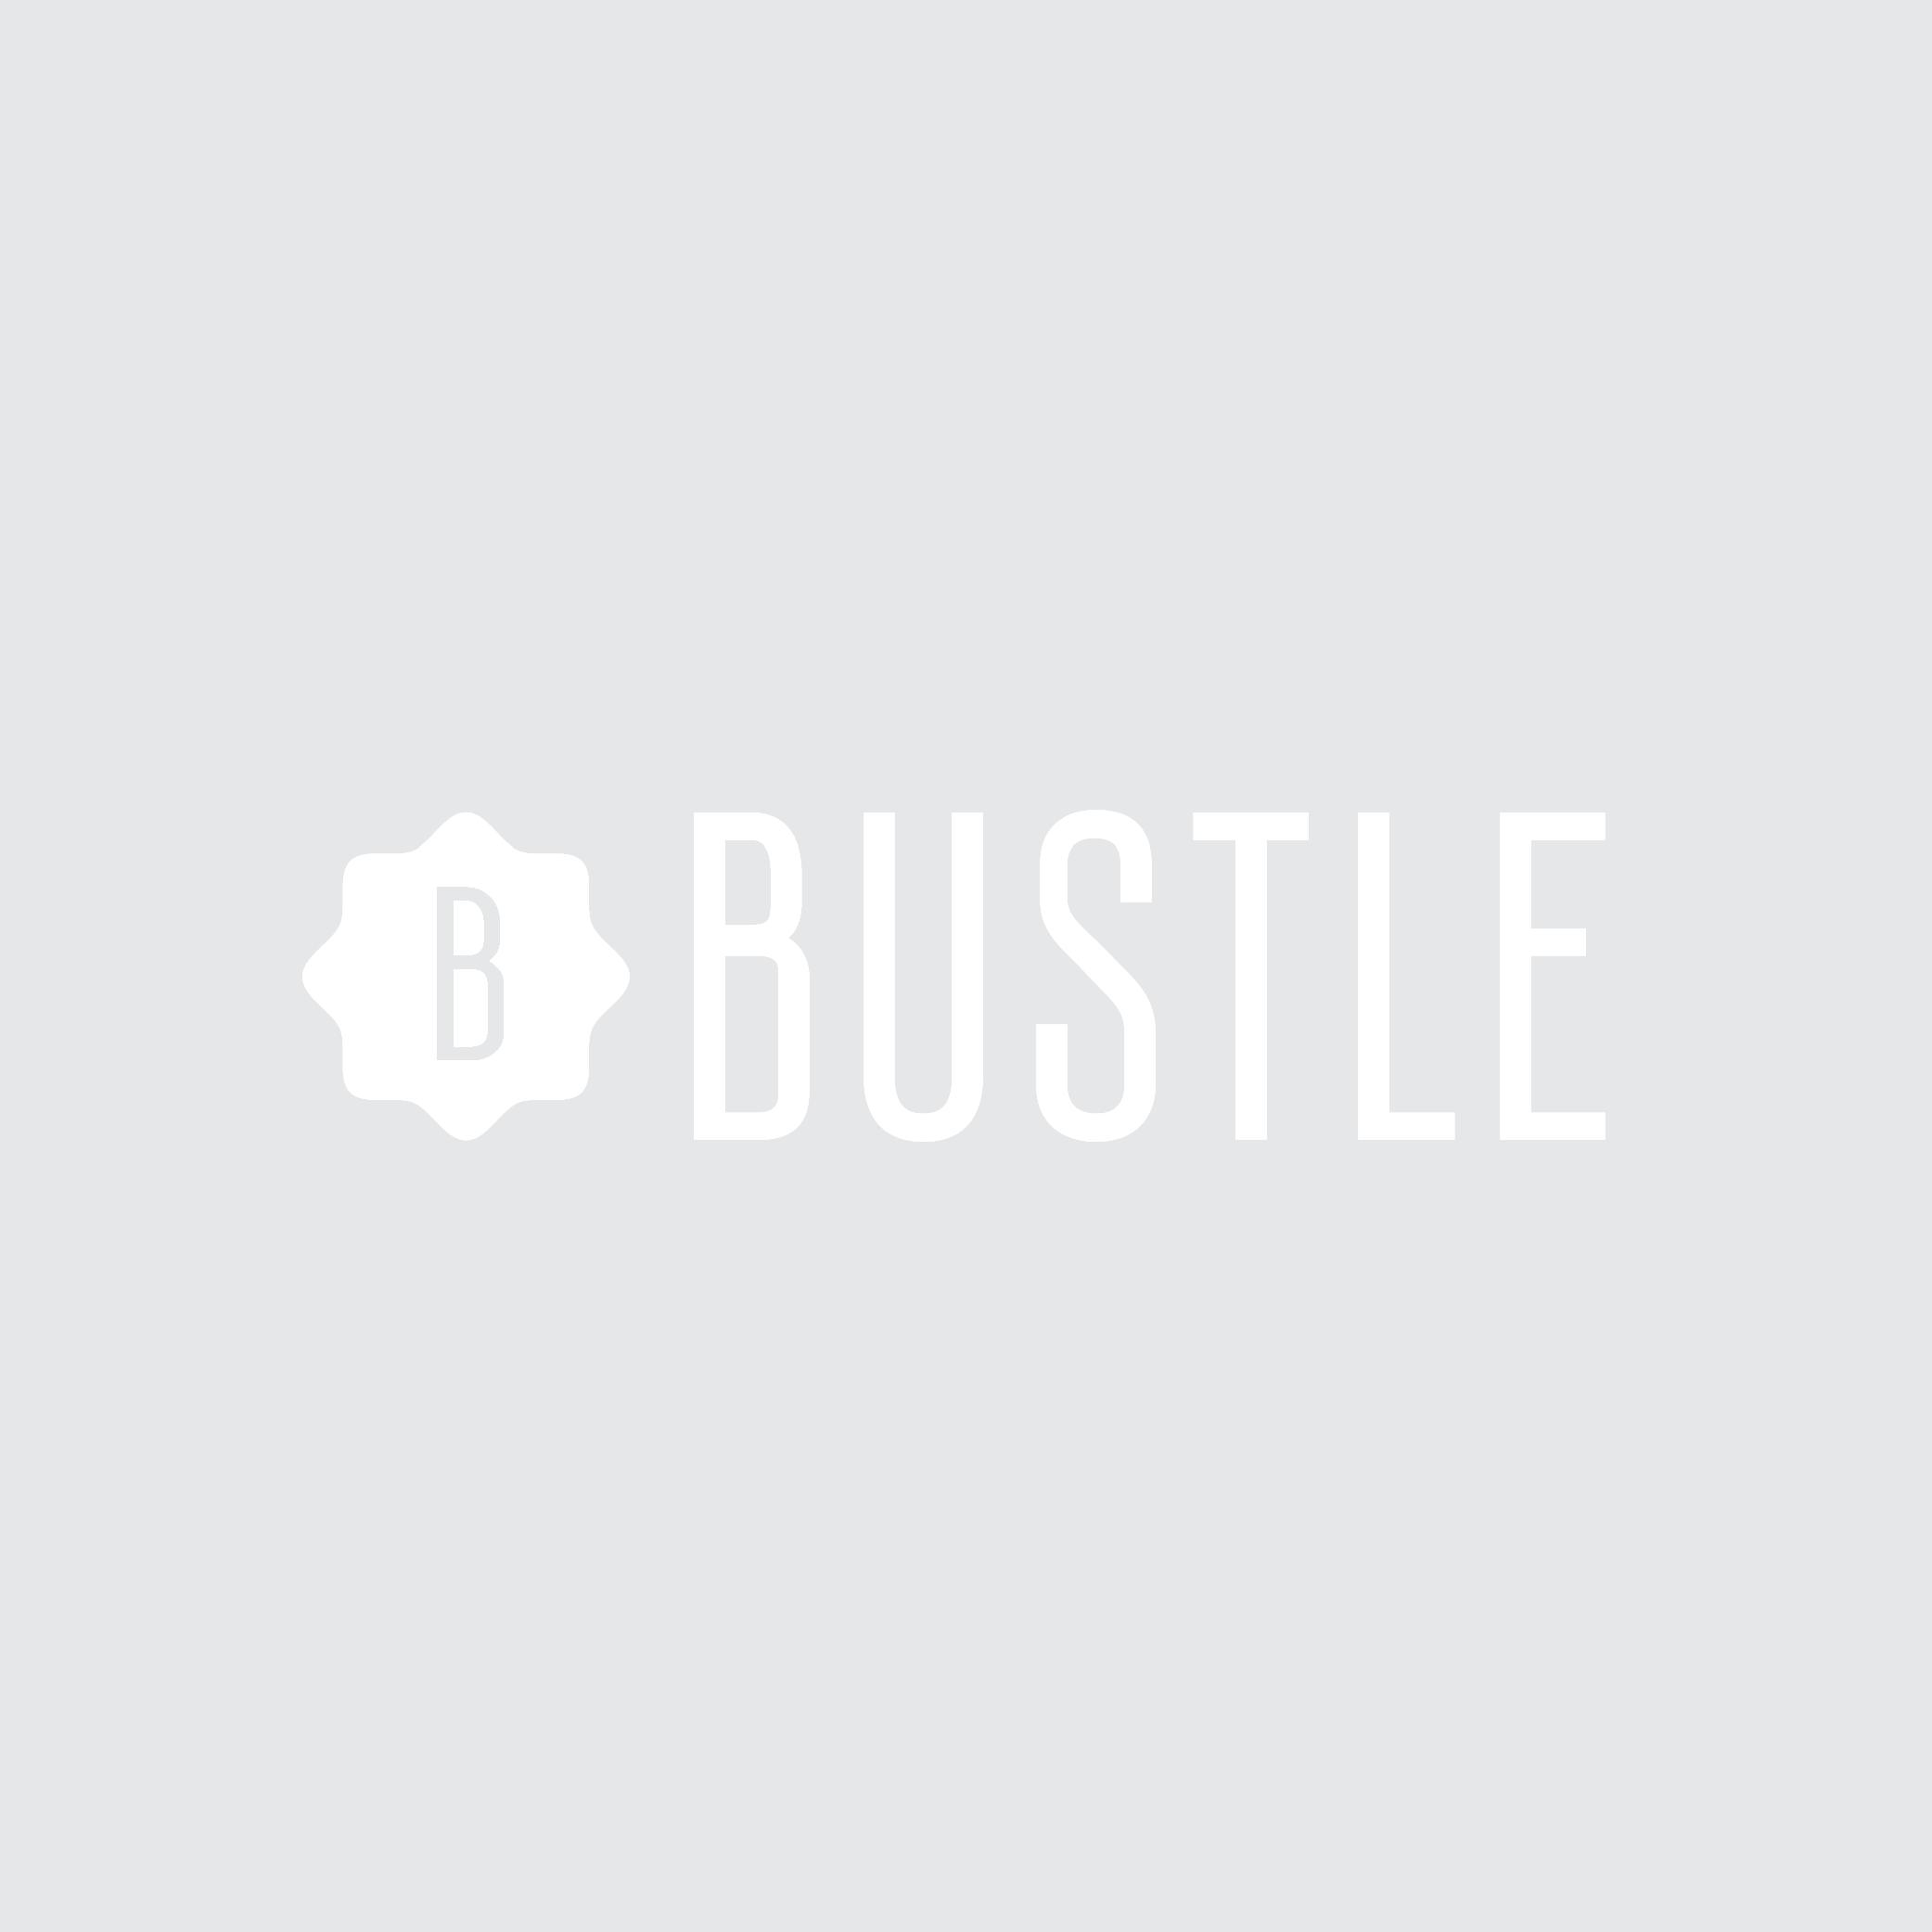 SRT_Website_LogoBanner_V1bustle.png